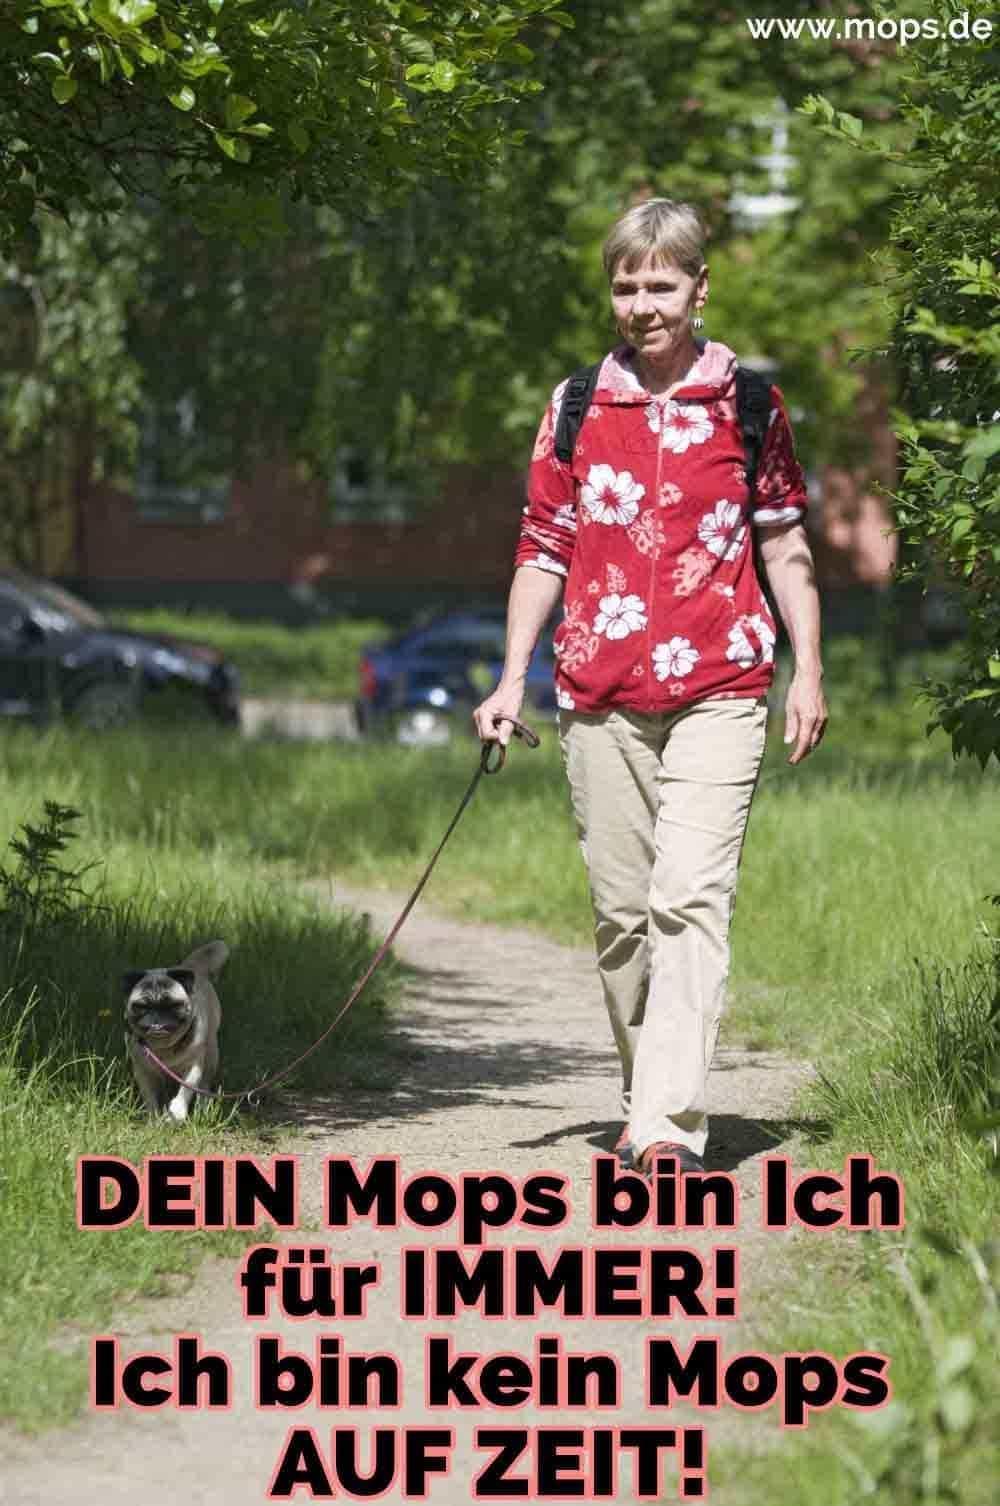 Eine Frau mit ihrem Mops zu Fuß